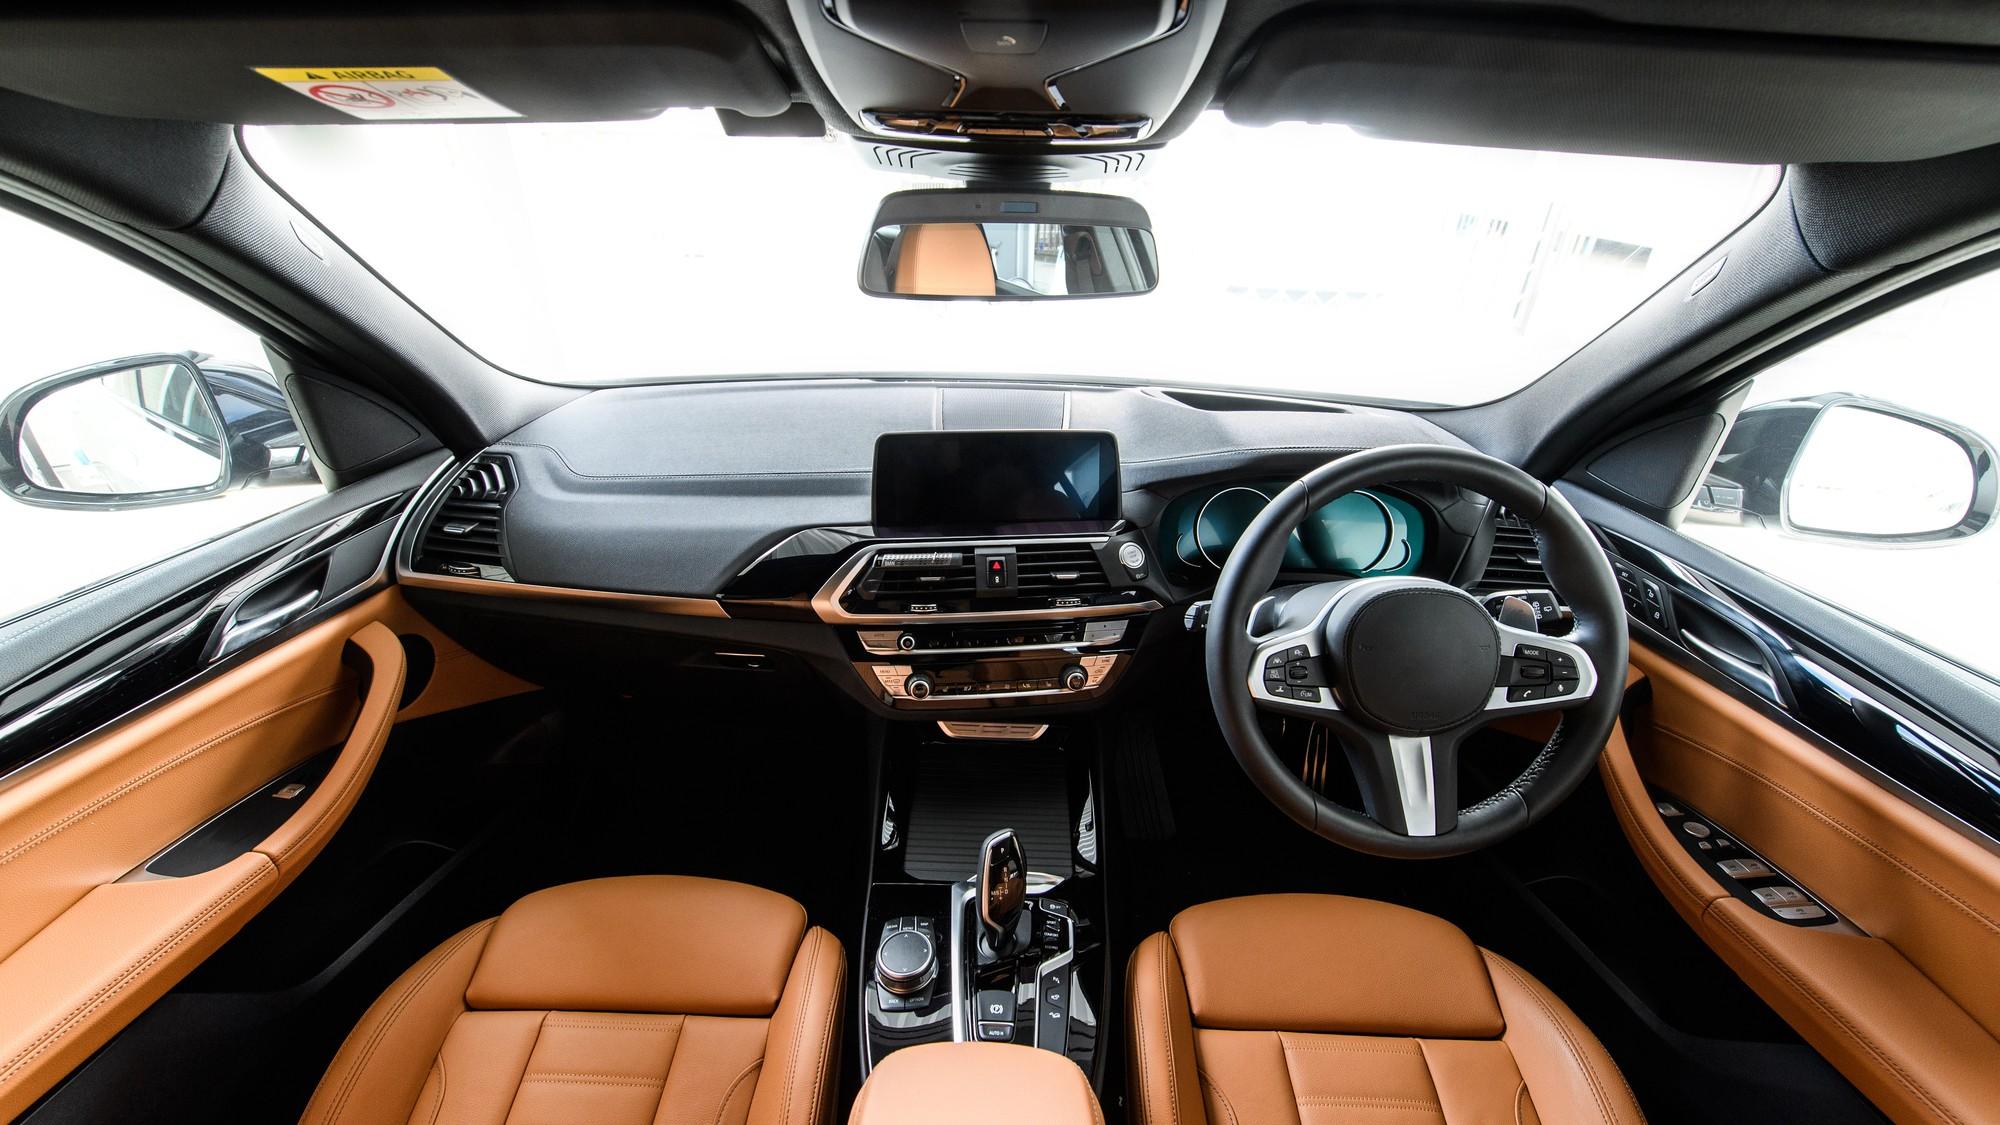 「新車魅力度ランキング」No.1は国内勢か、海外勢か